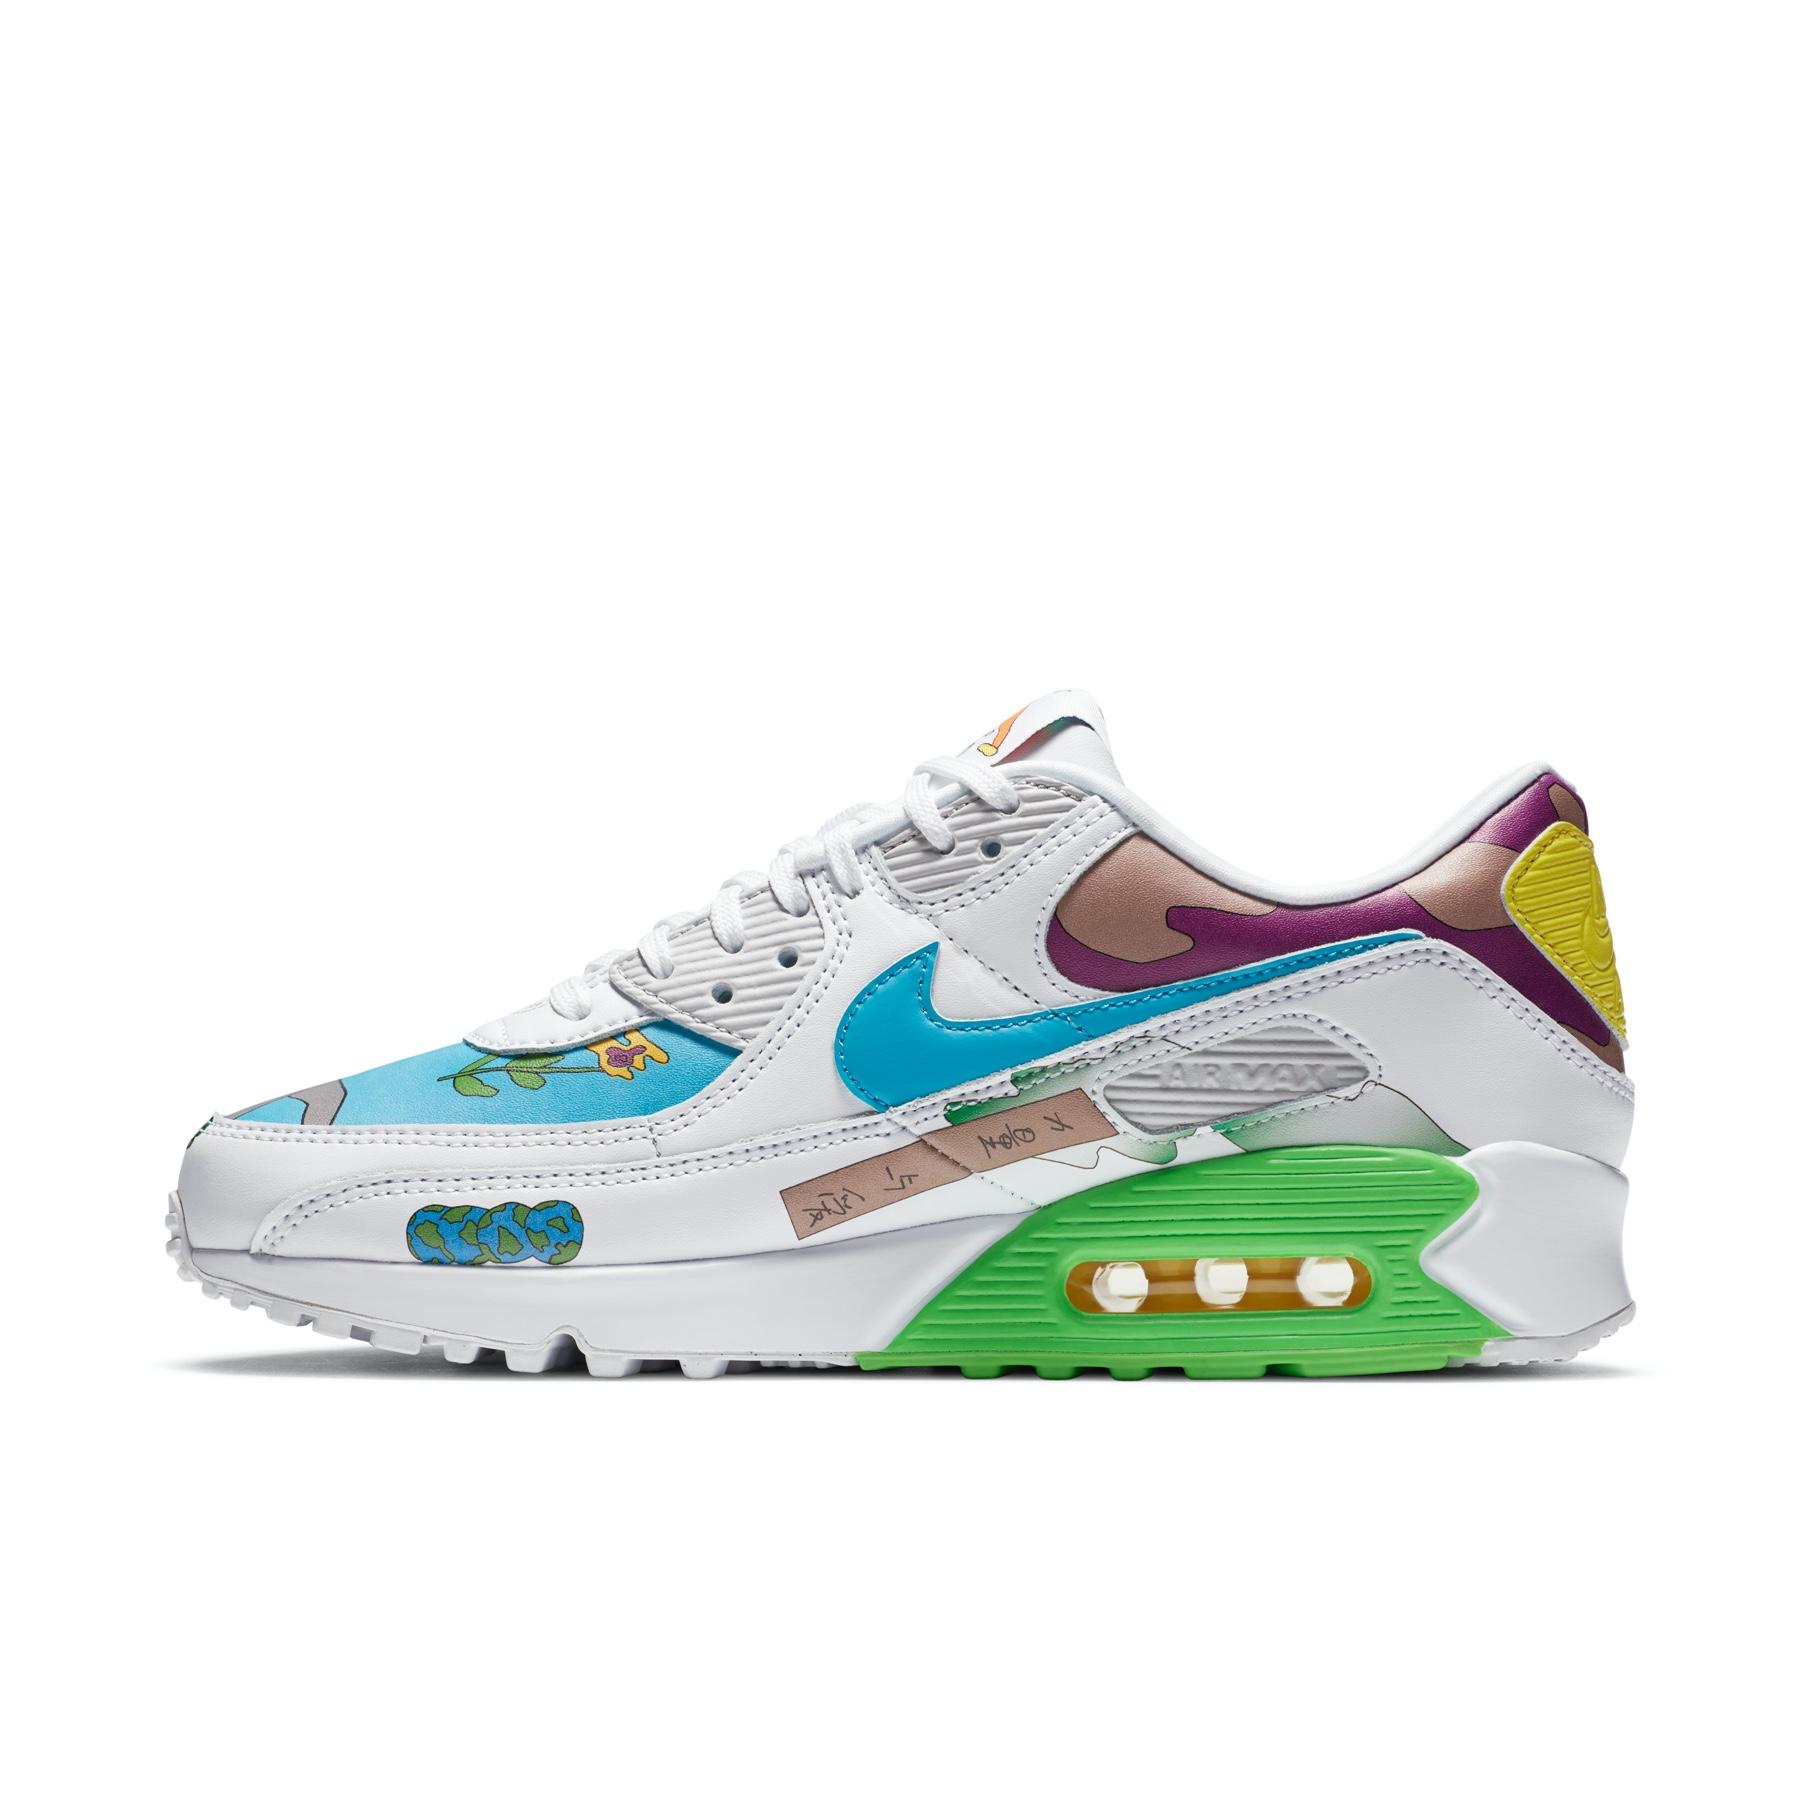 Ruohan Wang x Nike Air Max 90